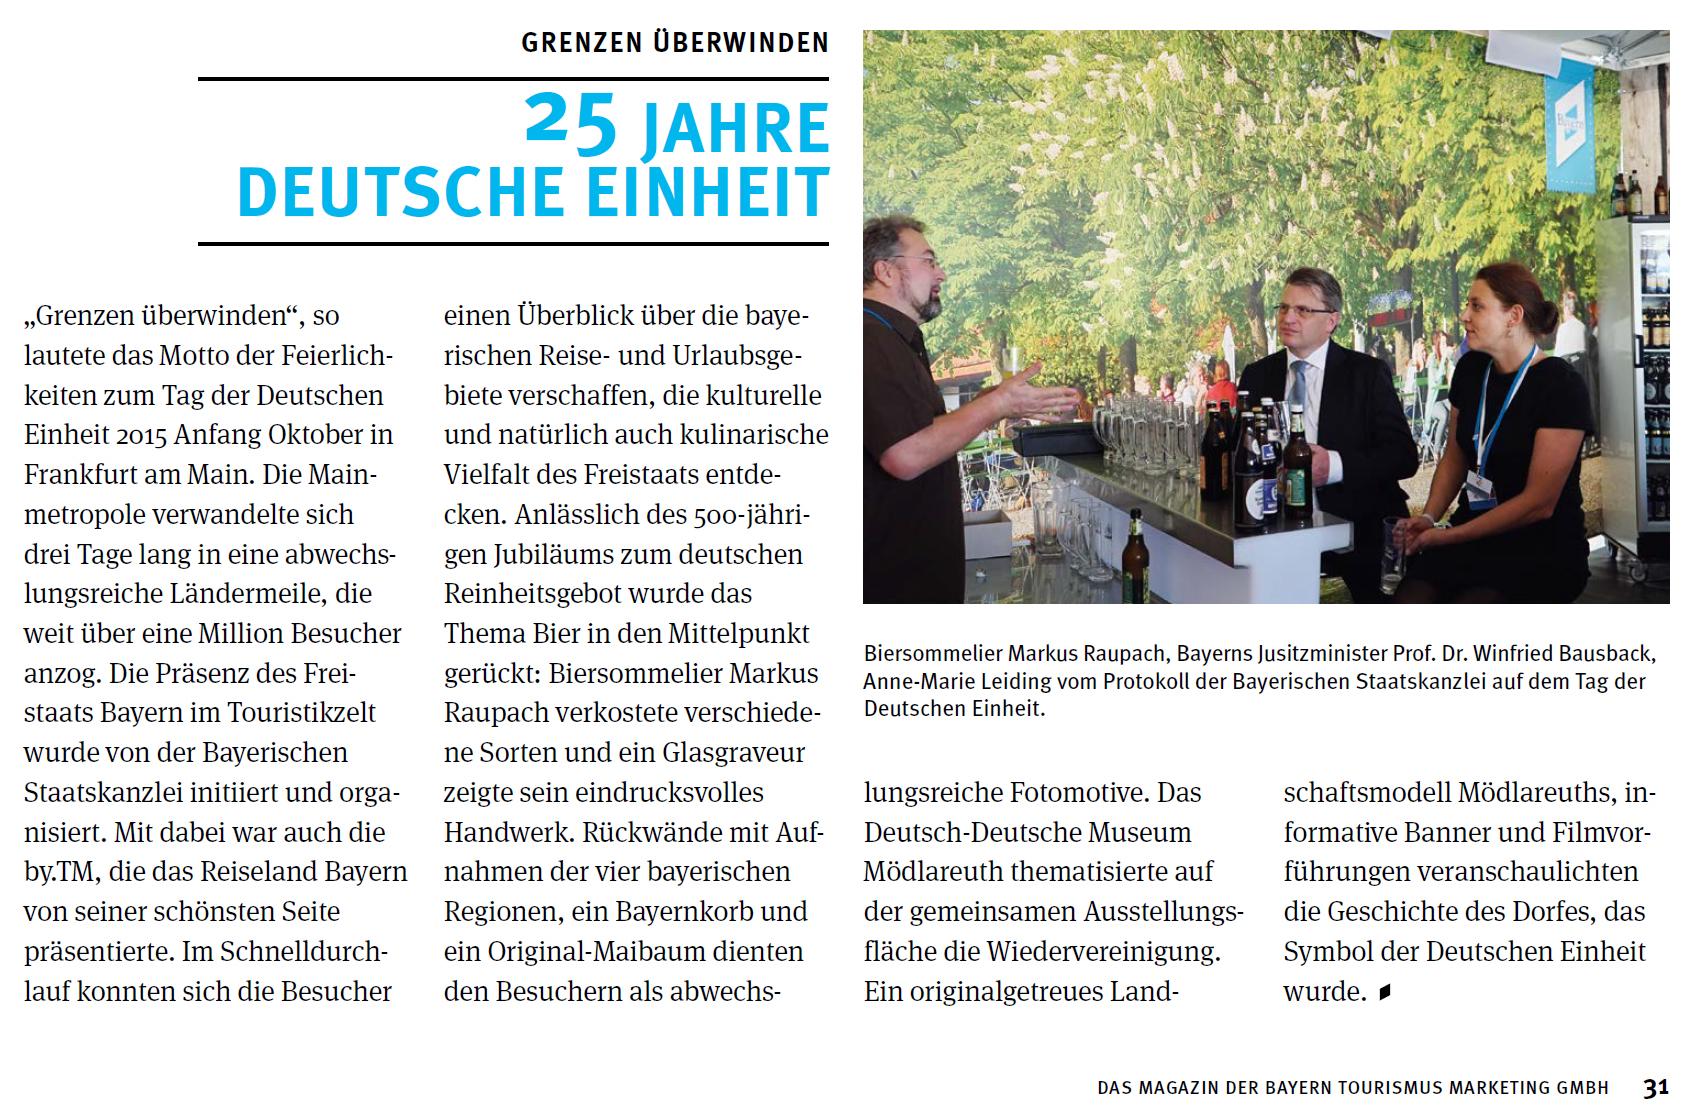 Die BierAkademie führt regelmäßig Verkostungen für die Bayern Tourismus Marketing GmbH durch, z.B. auf den Fest der Deutschen Einheit oder auf der ITB Berlin